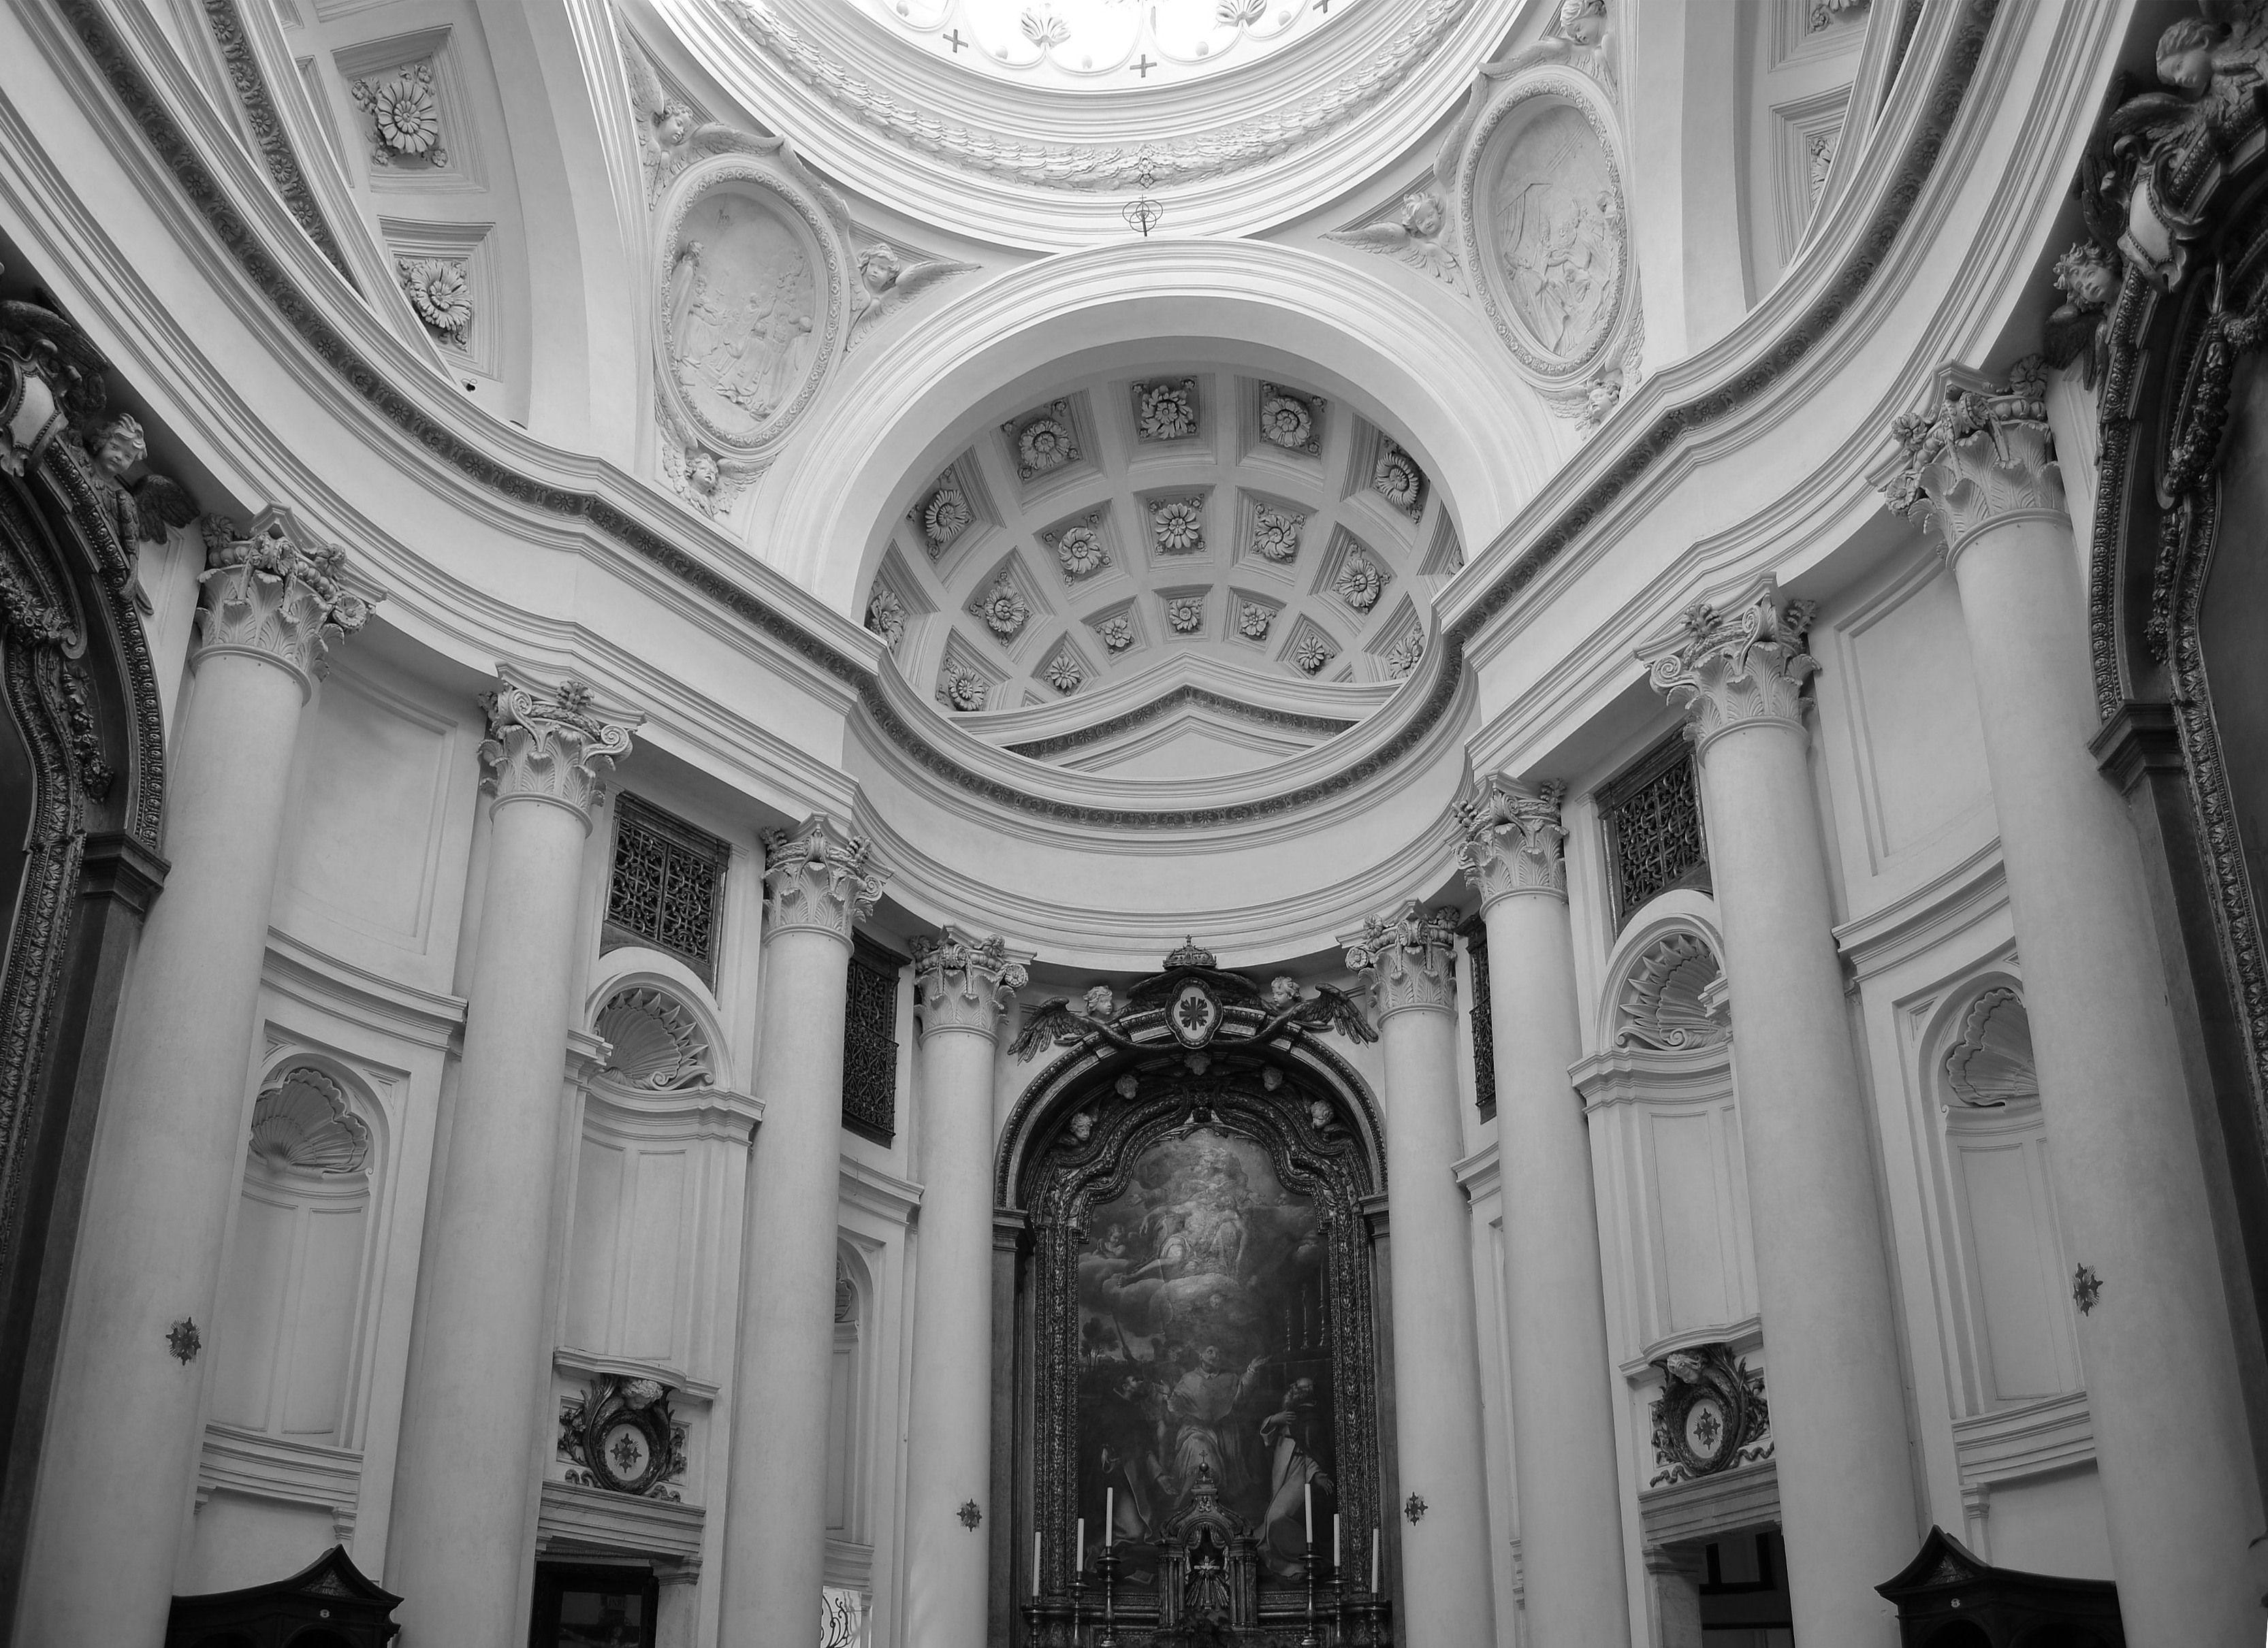 italian baroque architecture, borromini; the sculptural wall of